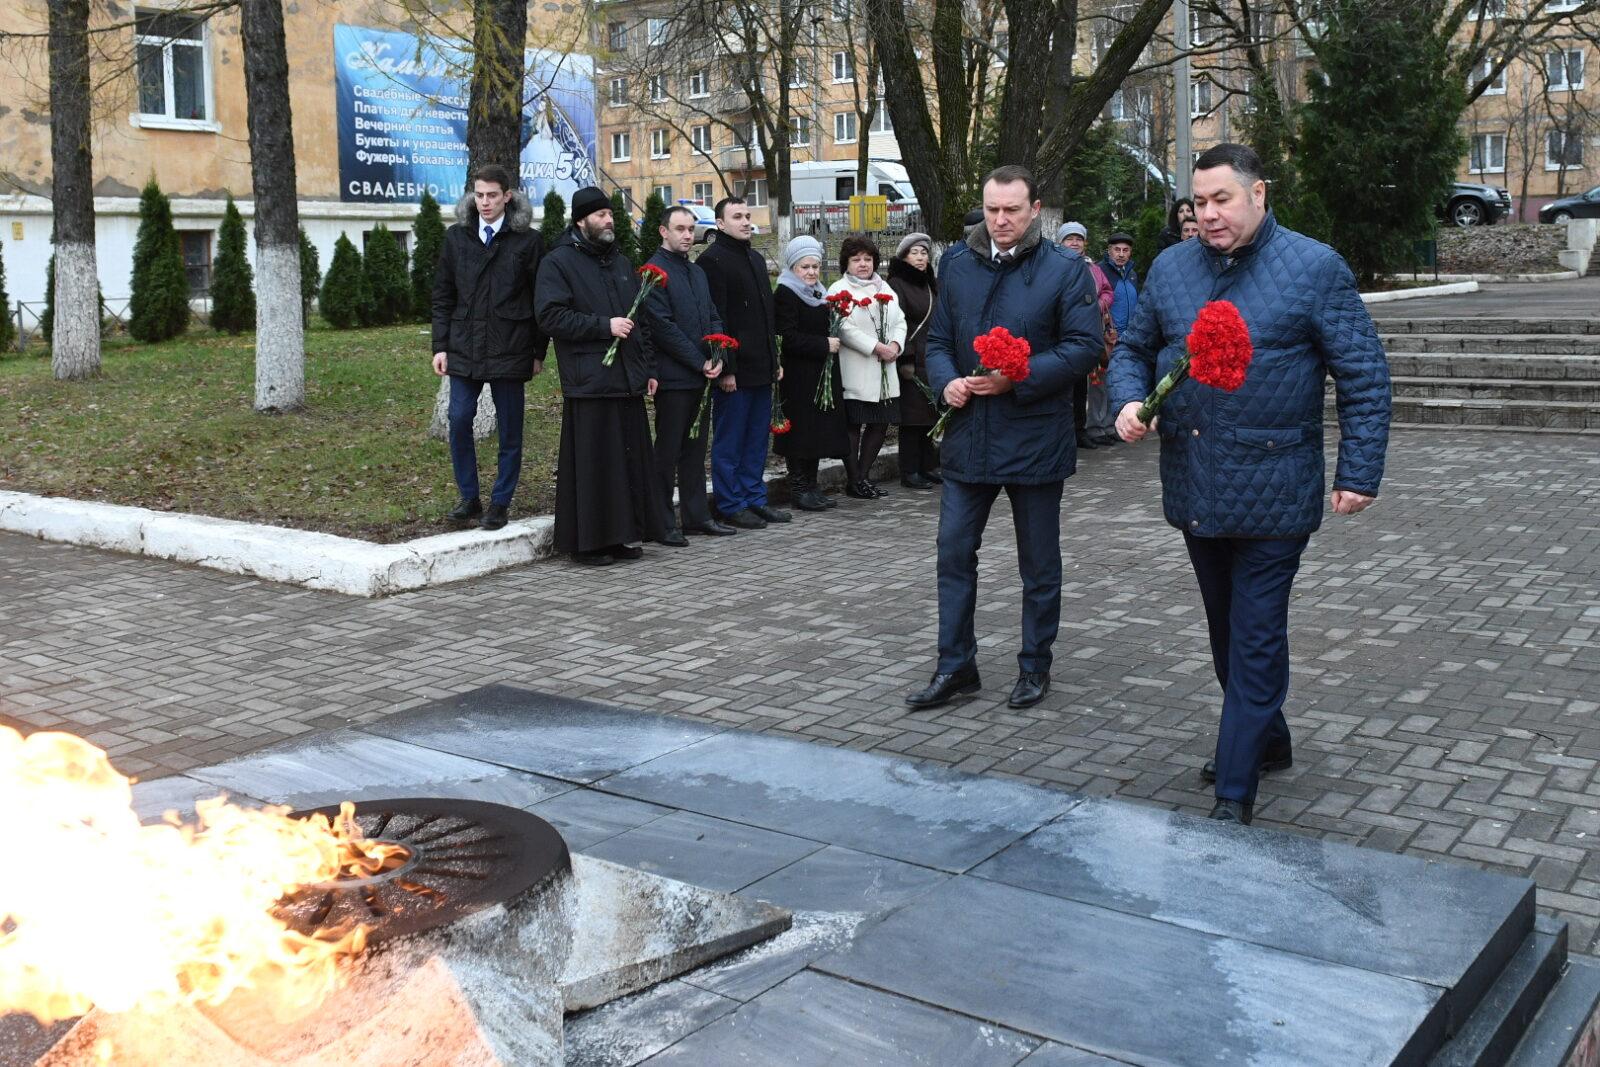 Глава Тверской области в ходе рабочего визита Бологое возложил цветы к мемориалу «Вечный огонь»